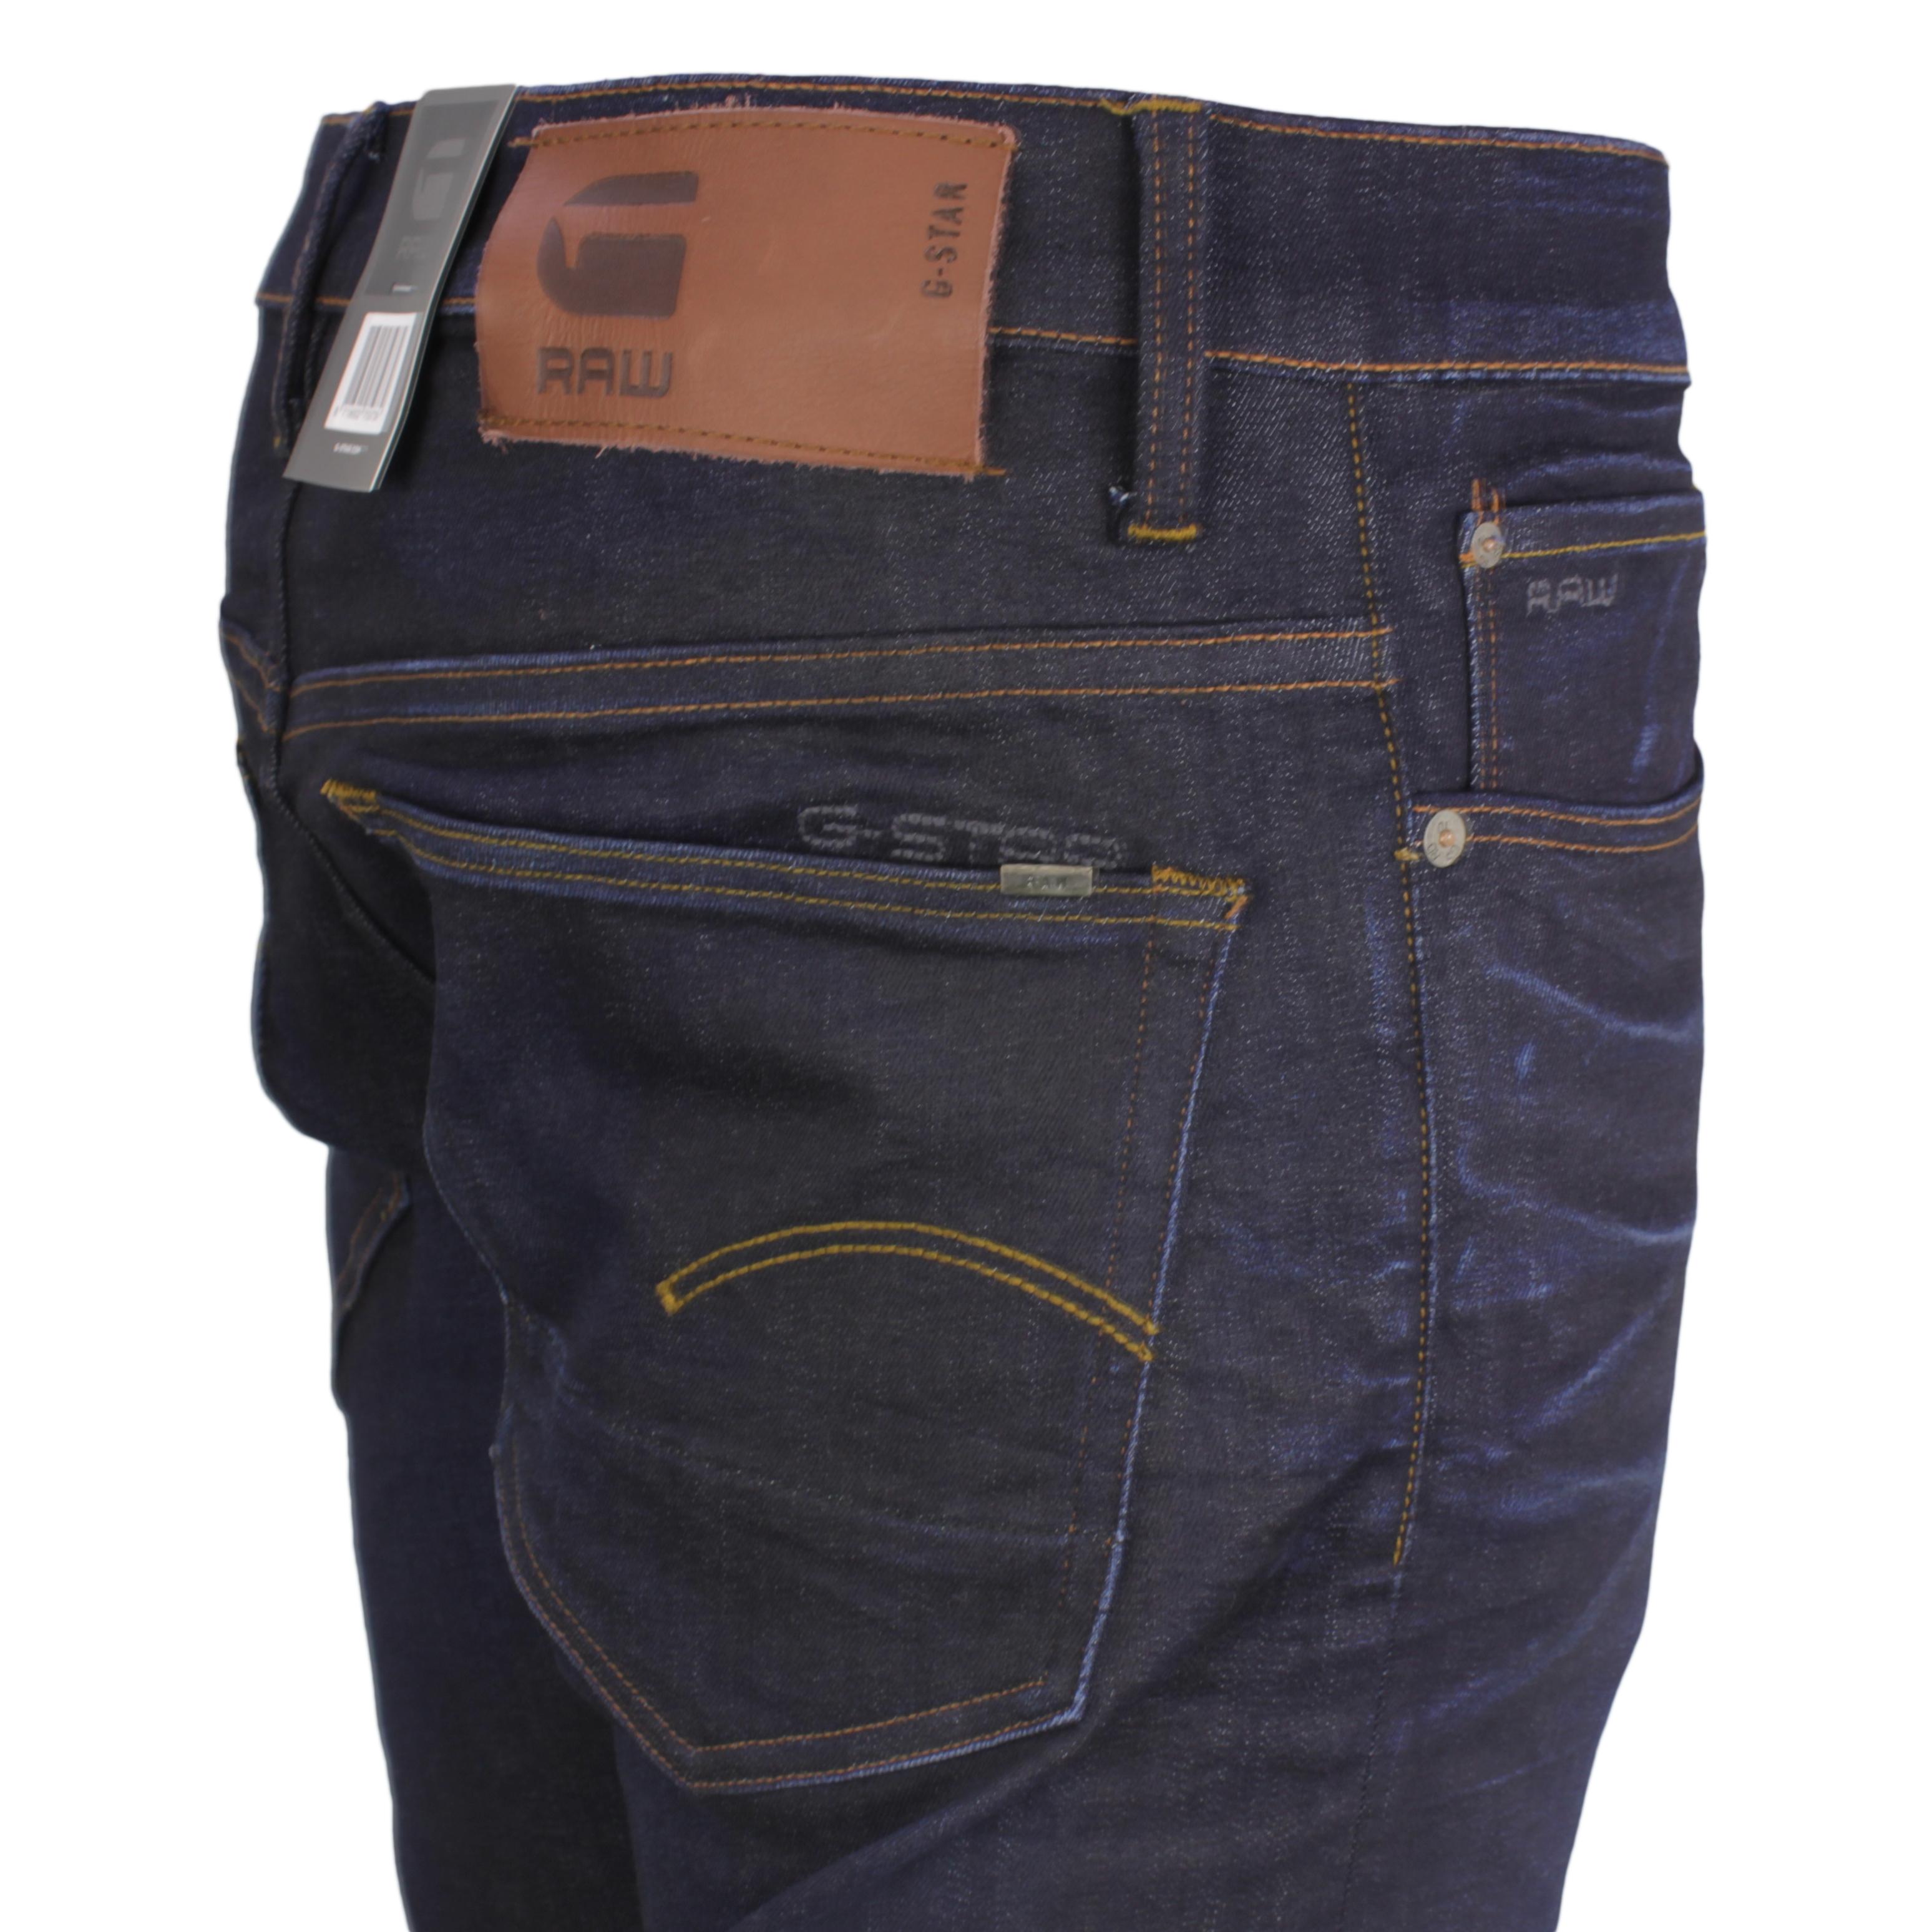 G-Star Herren Jeans Hose Jeanshose 3301 Tapered Fit dark agded dunkel blau 51003 7209 89